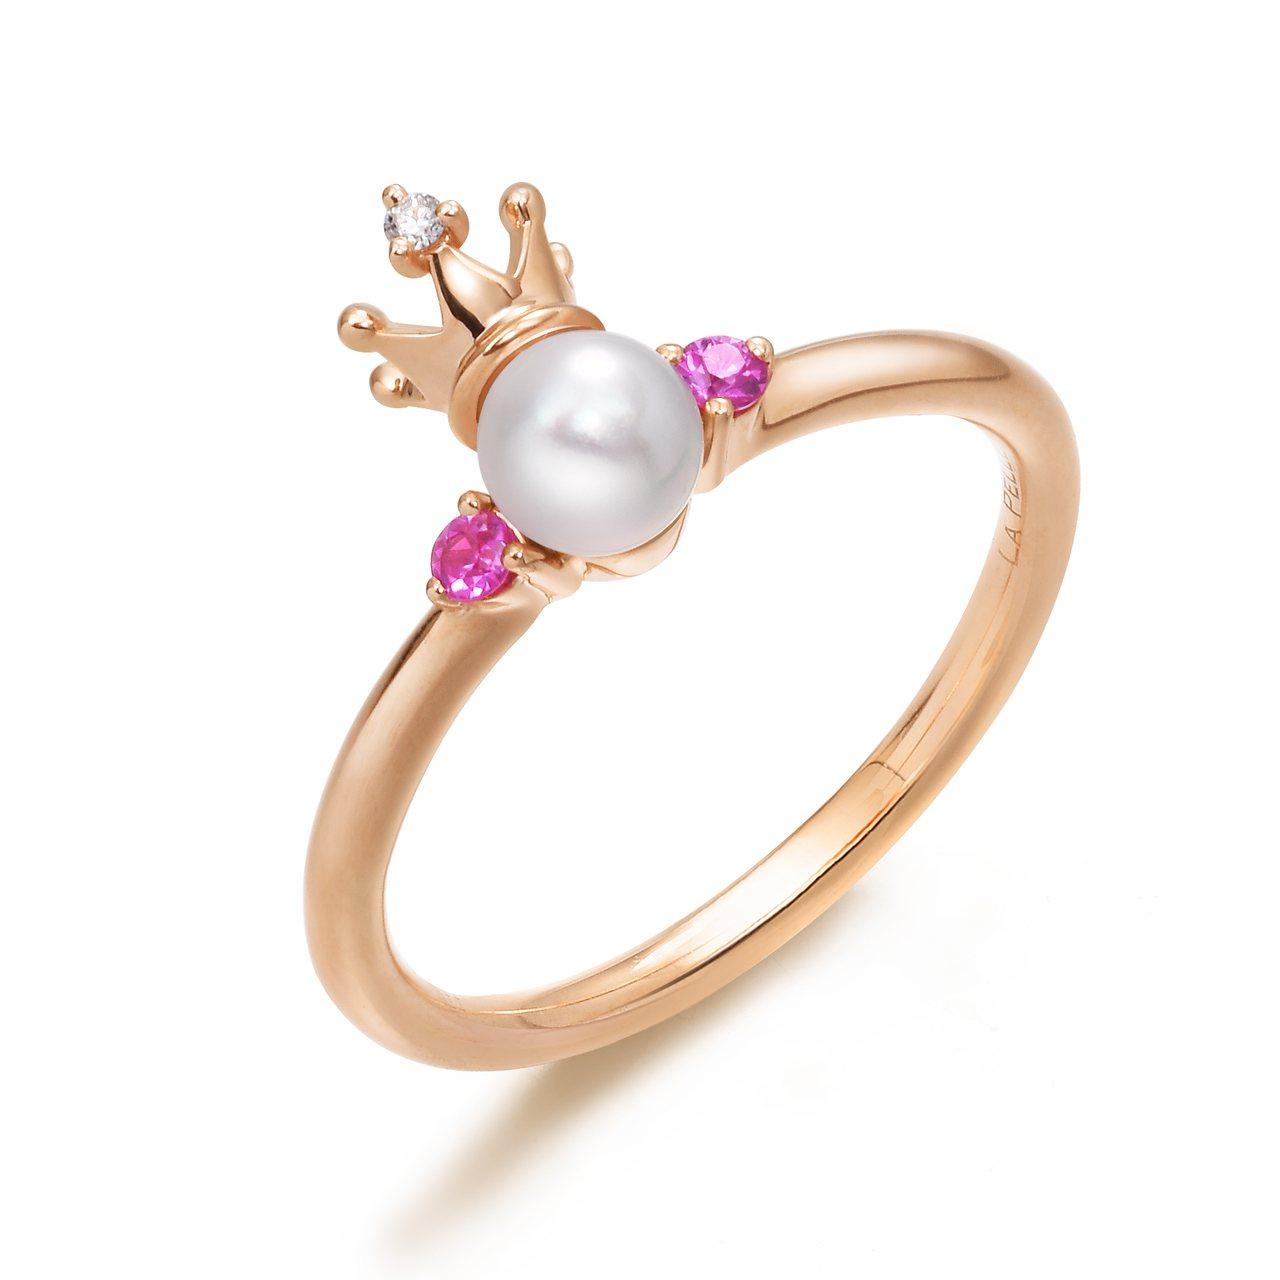 點睛品La Pelle 18K 玫瑰金Akoya珍珠、粉紅色藍寶石及鑽石戒指,12,500元。